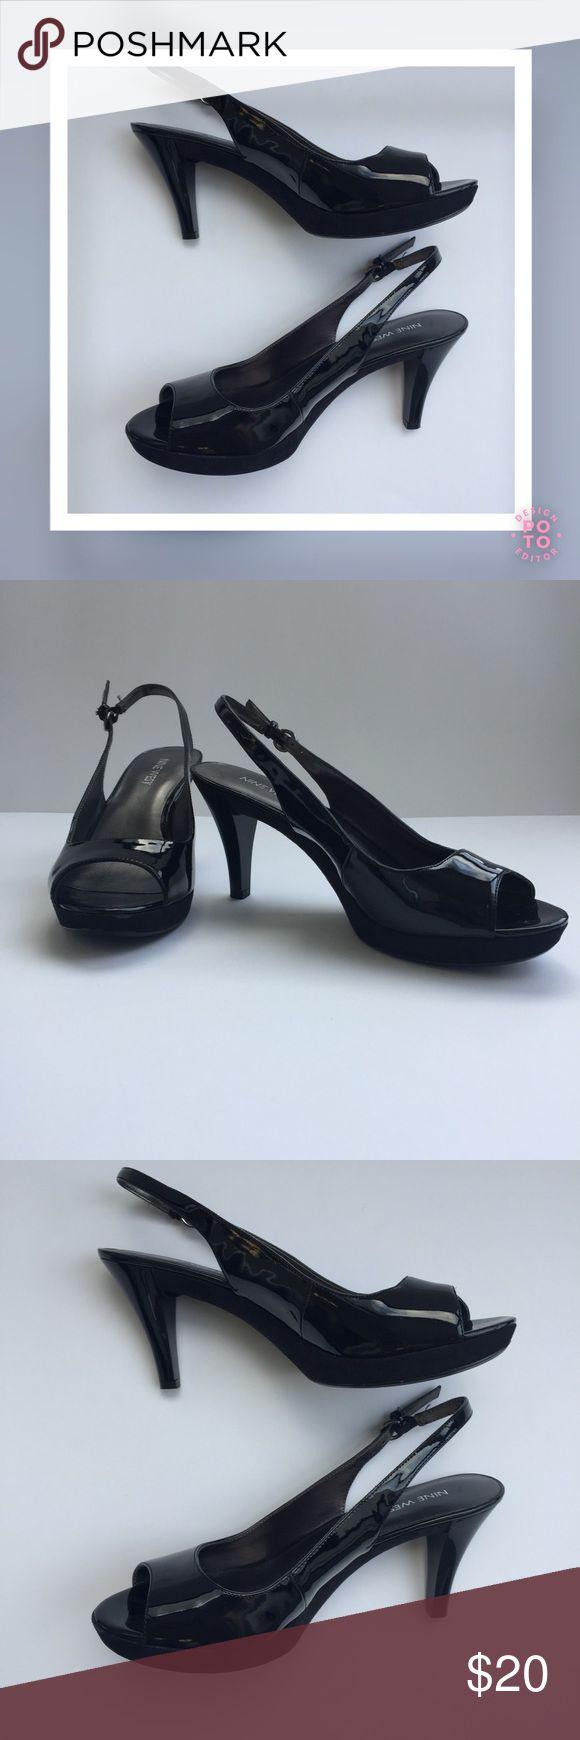 """Selling this NINE WEST """"Karoo"""" Black Patent Slingback Sandals on Poshmark! My username is: amore923. #shopmycloset #poshmark #fashion #shopping #style #forsale #Nine West #Shoes"""